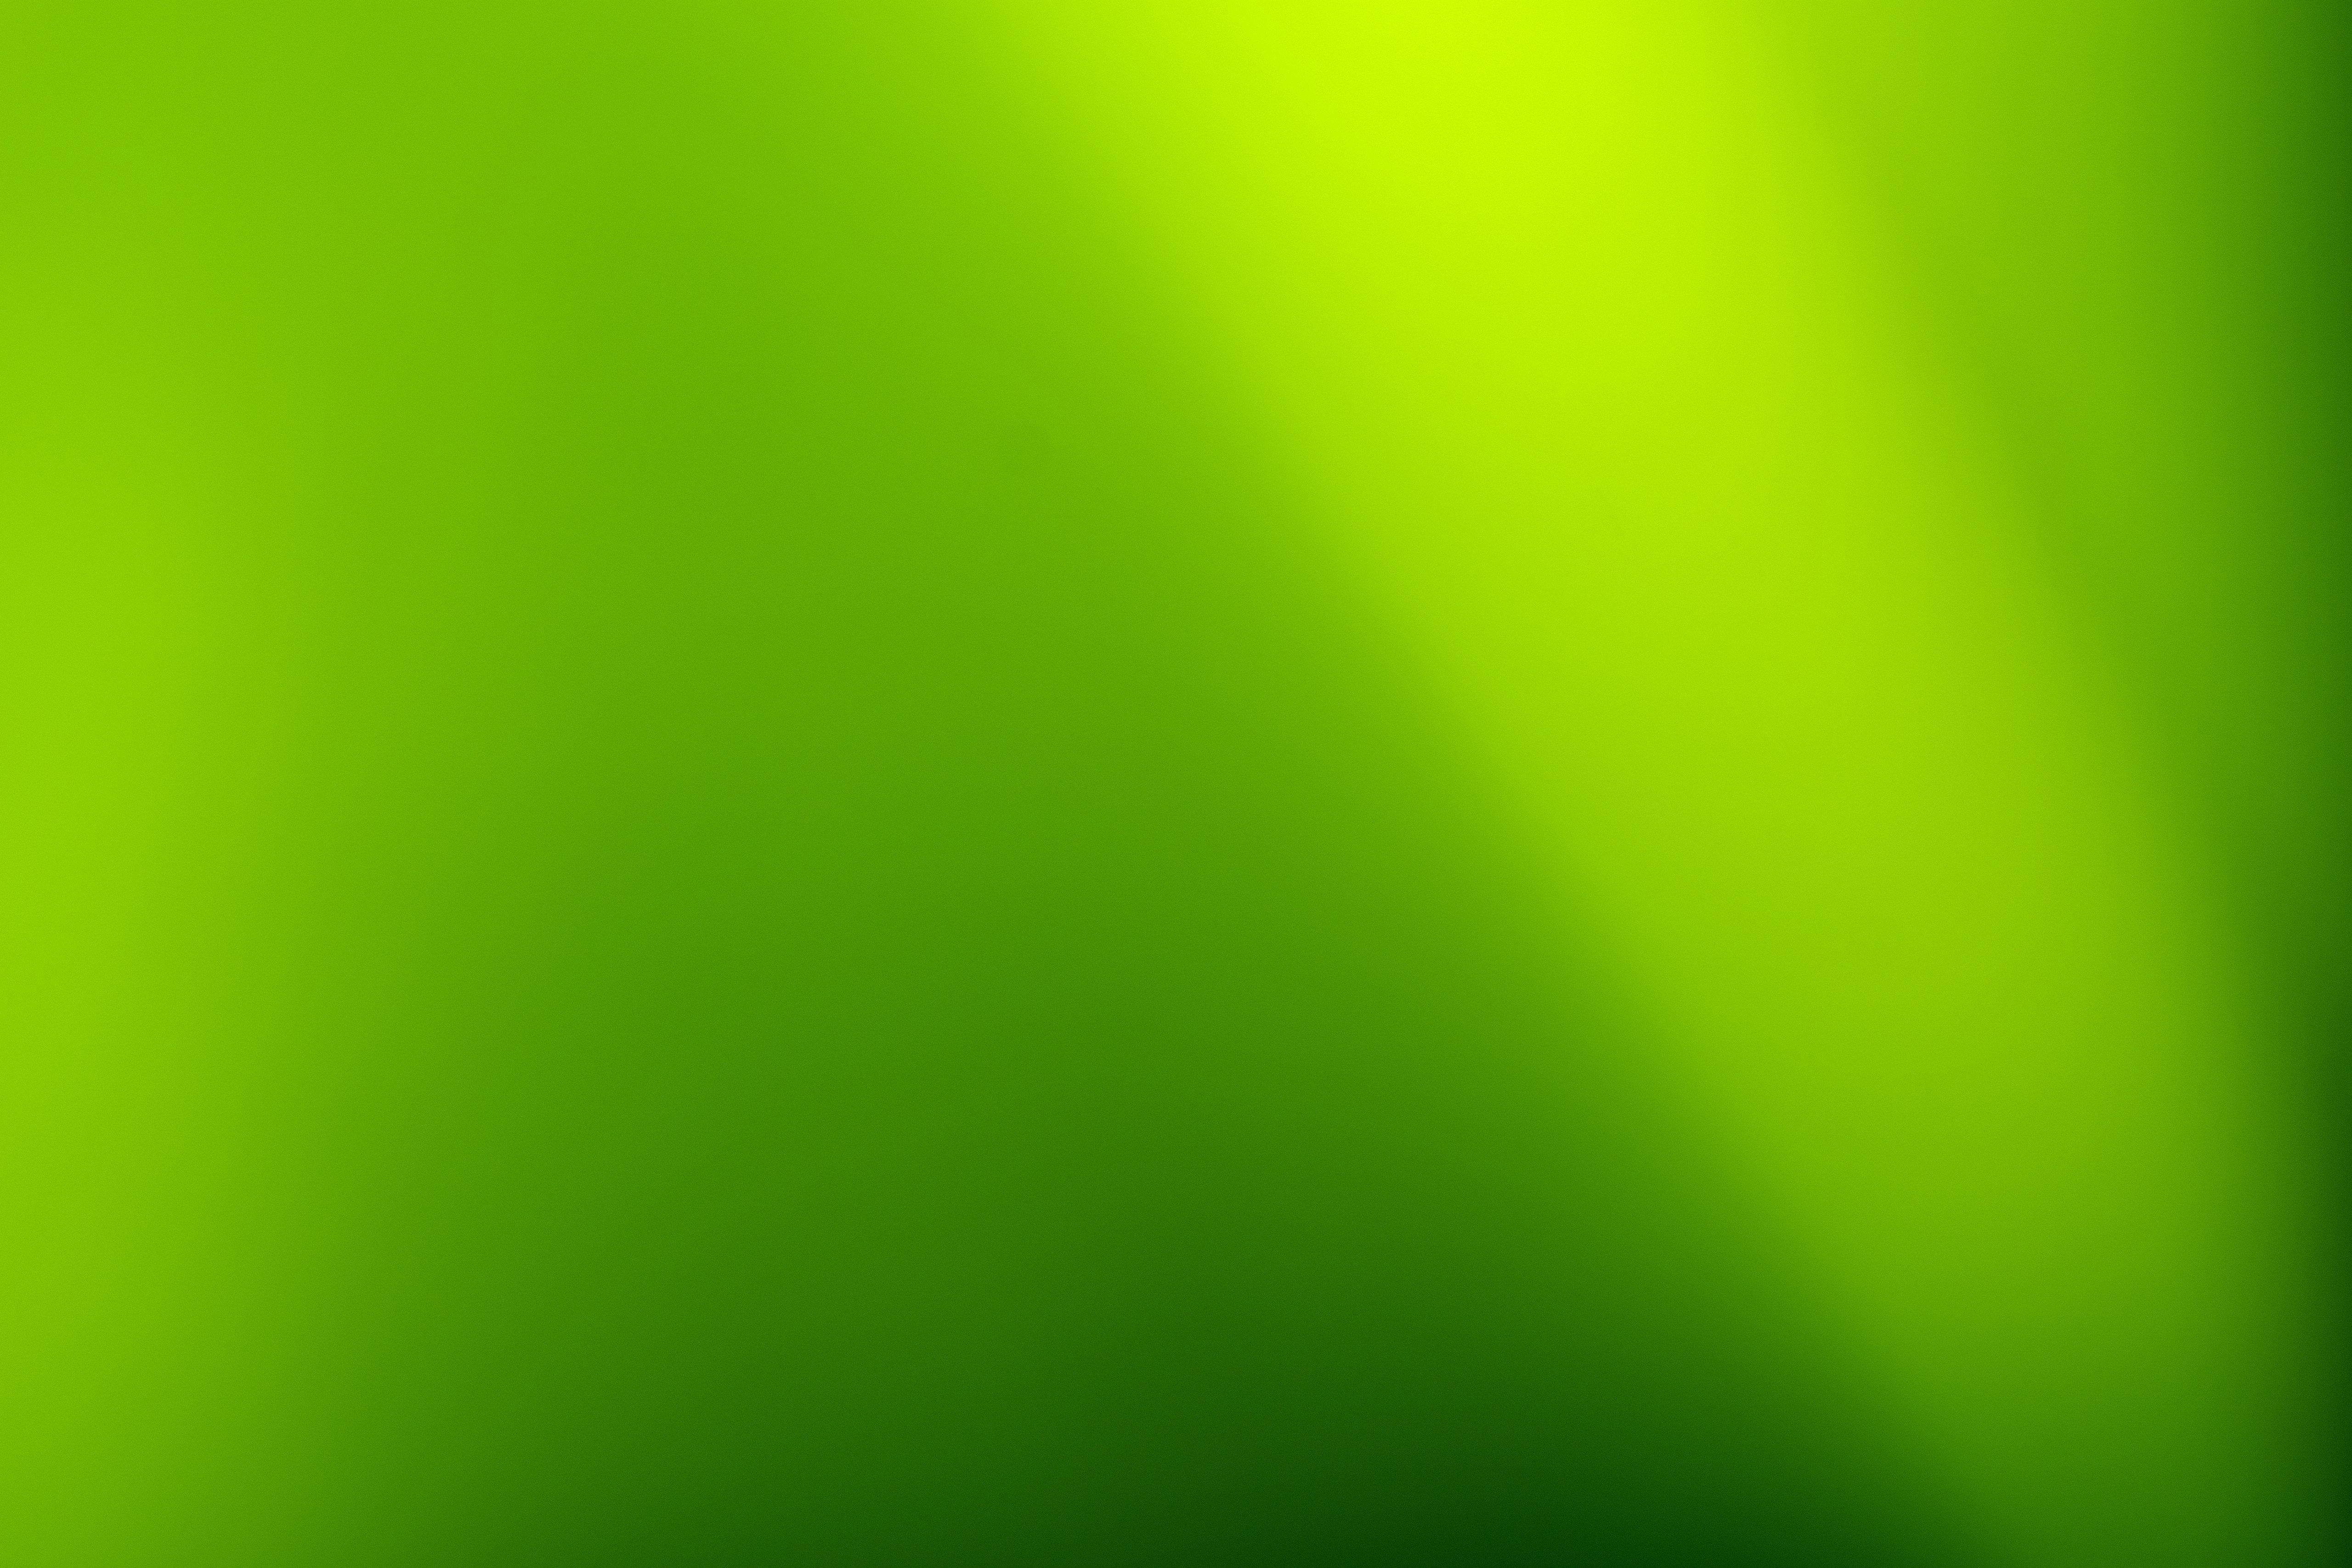 102351 скачать обои Абстракция, Градиент, Размытость, Цвет, Фон, Зеленый - заставки и картинки бесплатно